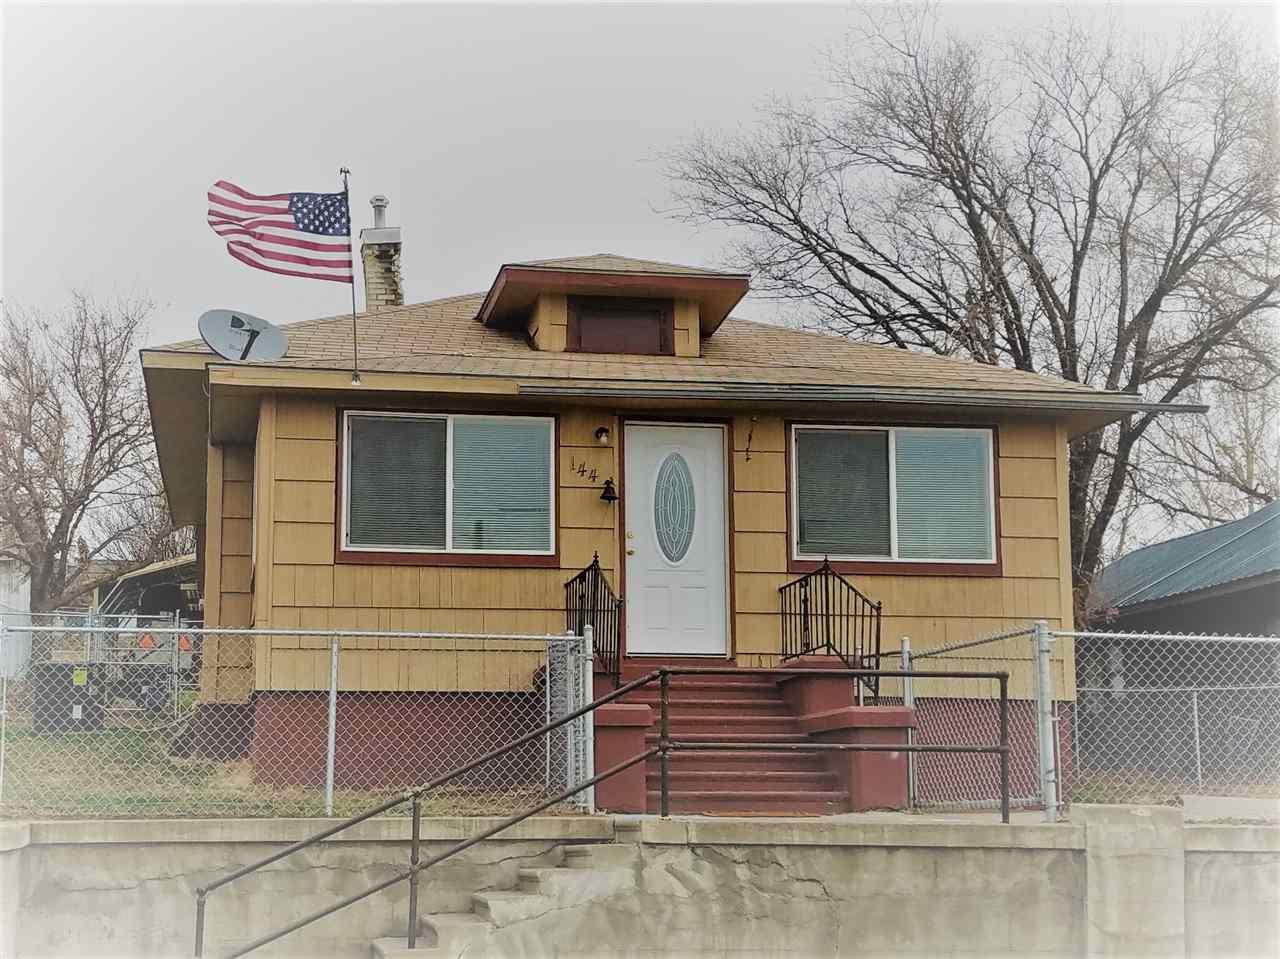 Single Family Home for Sale at 144 E 4th Avenue 144 E 4th Avenue Glenns Ferry, Idaho 83623